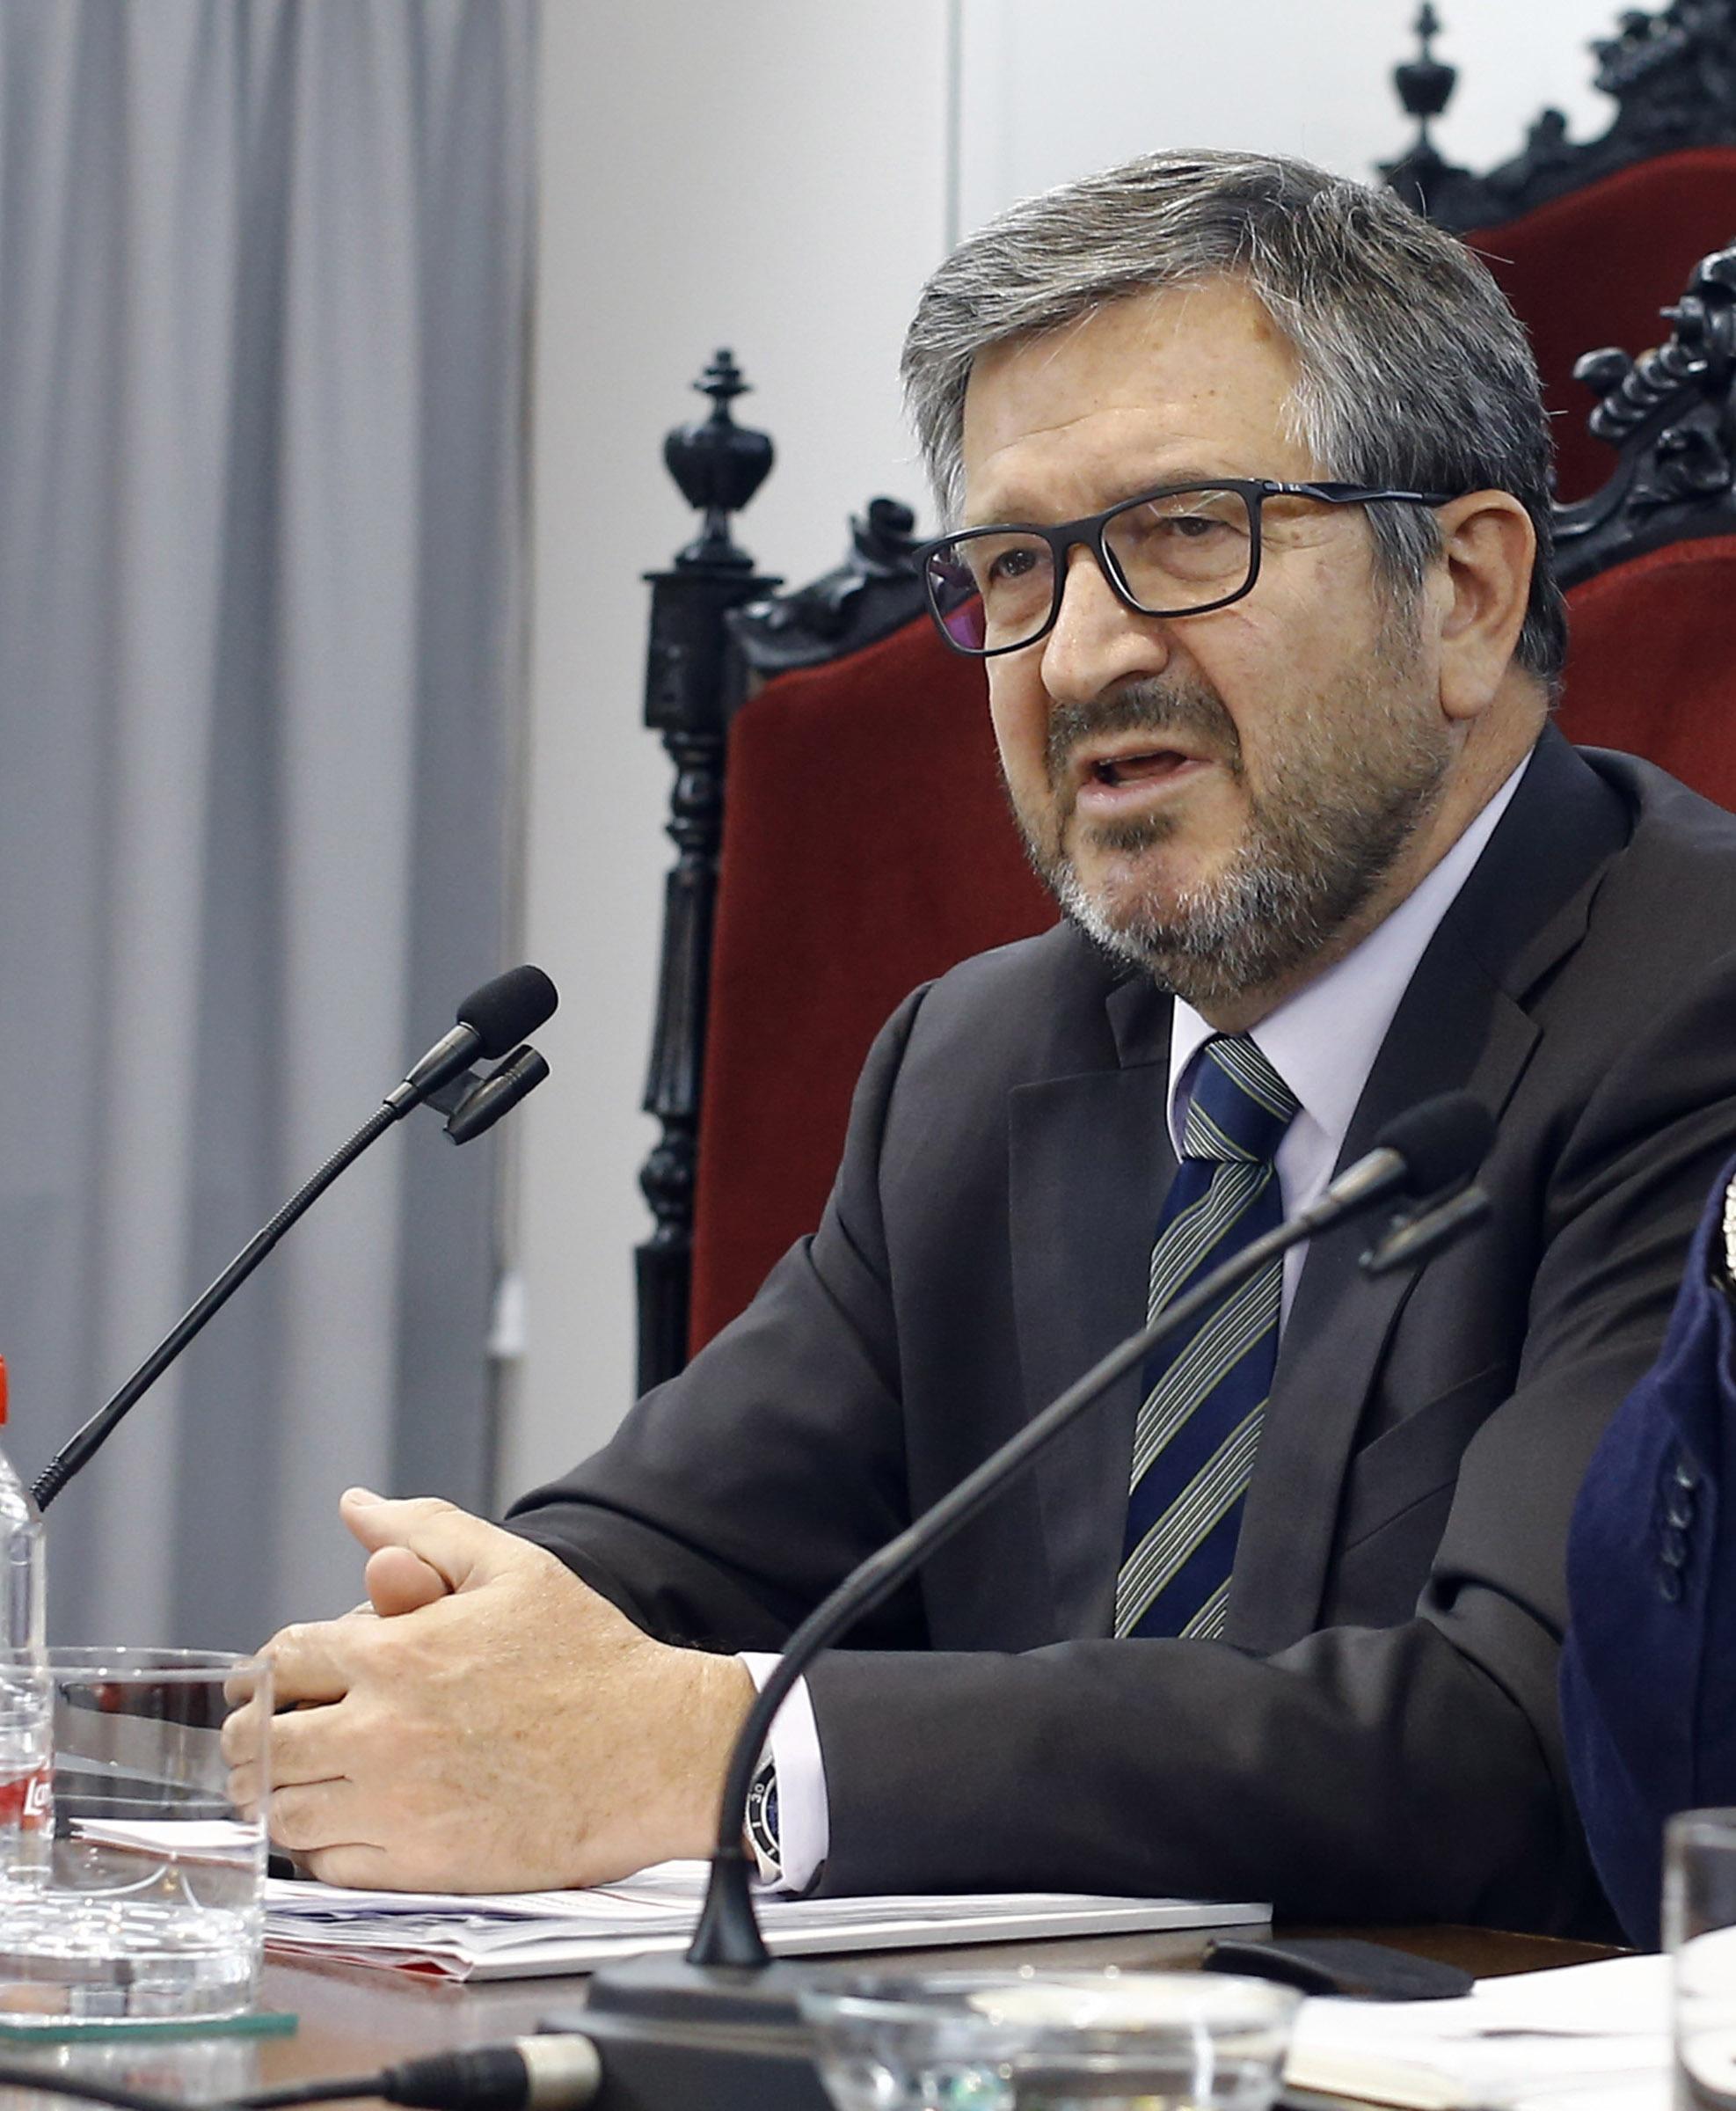 Fernando Zunzunegui ICAGR Zunzunegui: La función de cumplimiento es una innovación supervisora esencial